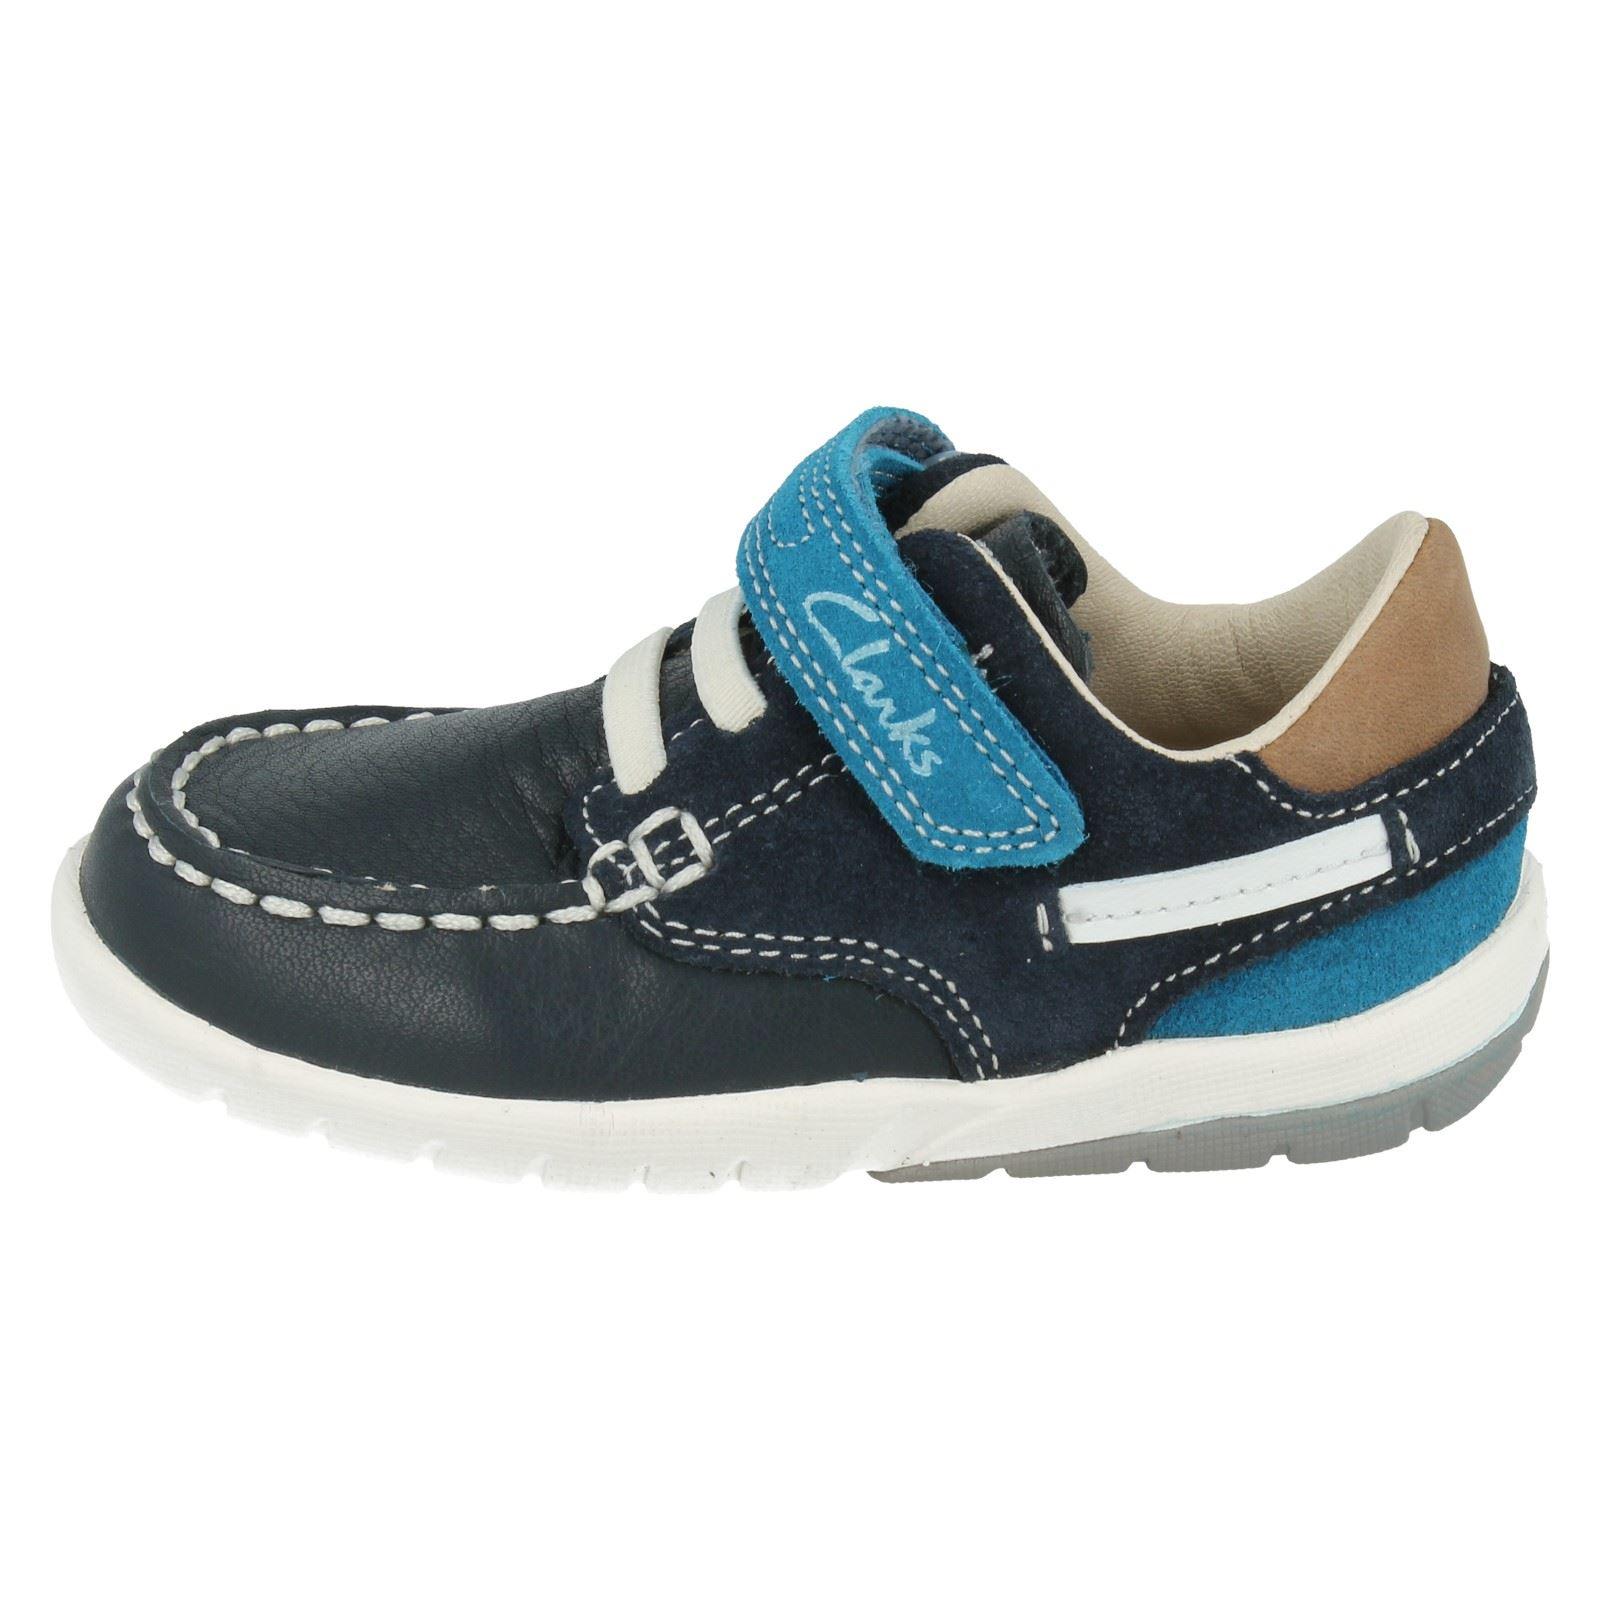 Chicos Zapatos Clarks el estilo suavemente Bandera